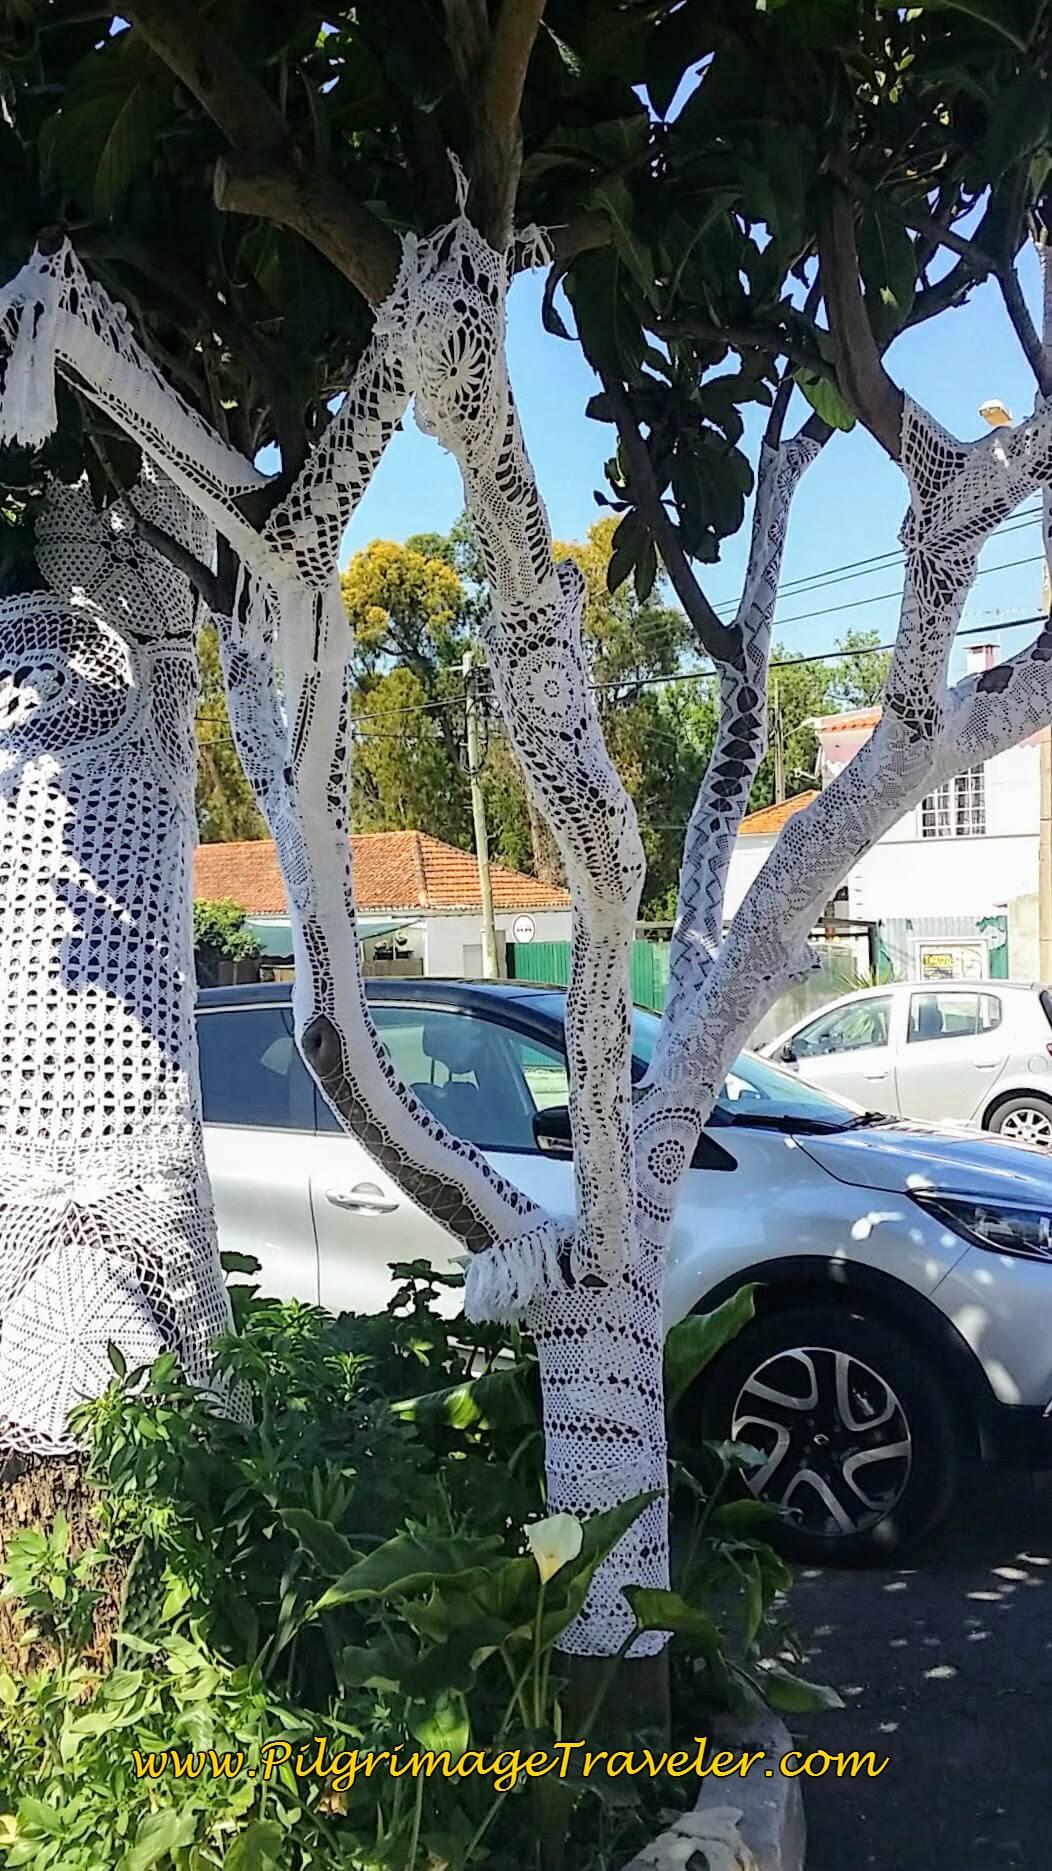 Crocheted Tree Adornment, Alpriate, Portugal